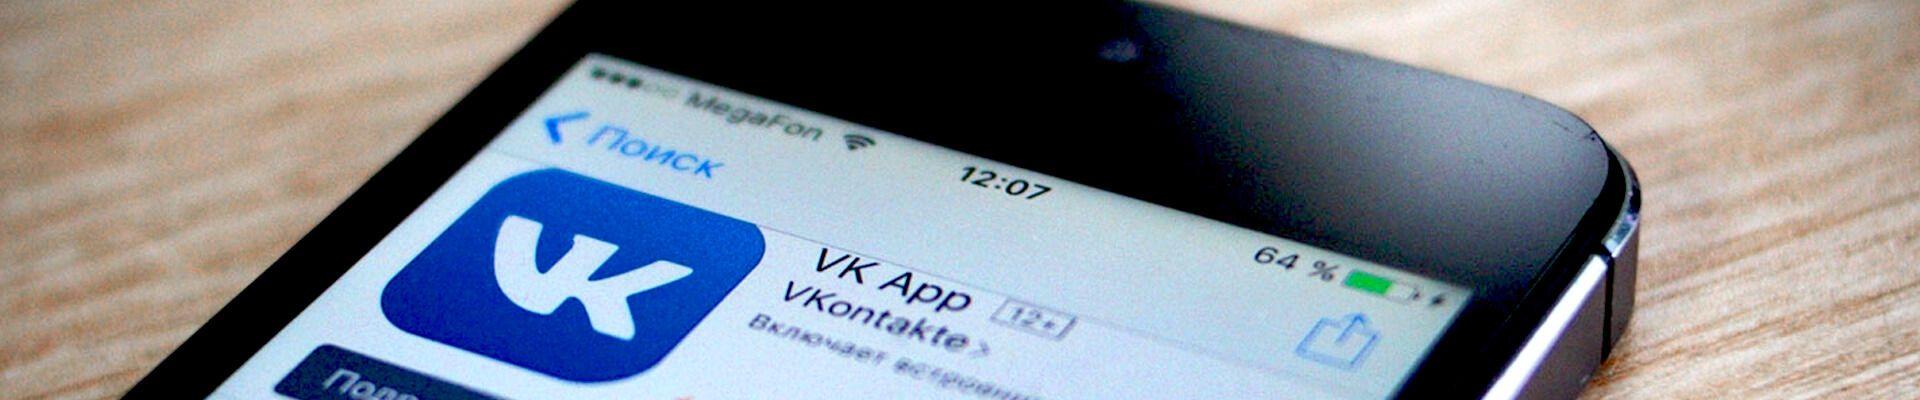 Способы проникновения пропаганды и языка вражды в паблики ВКонтакте